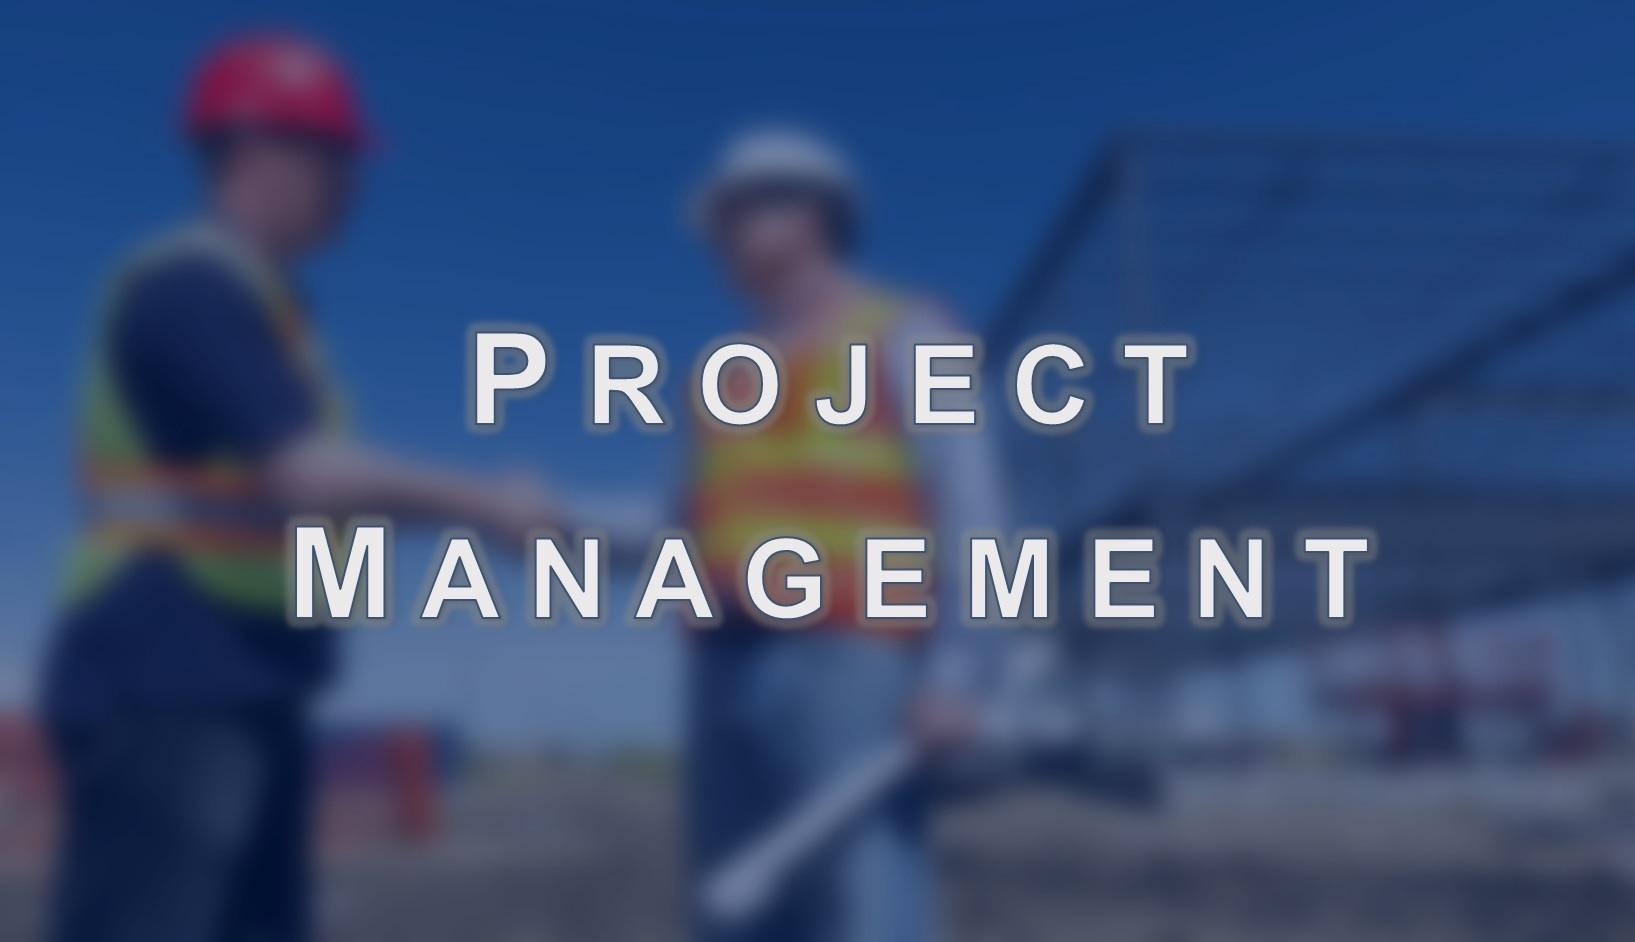 8. Project Management